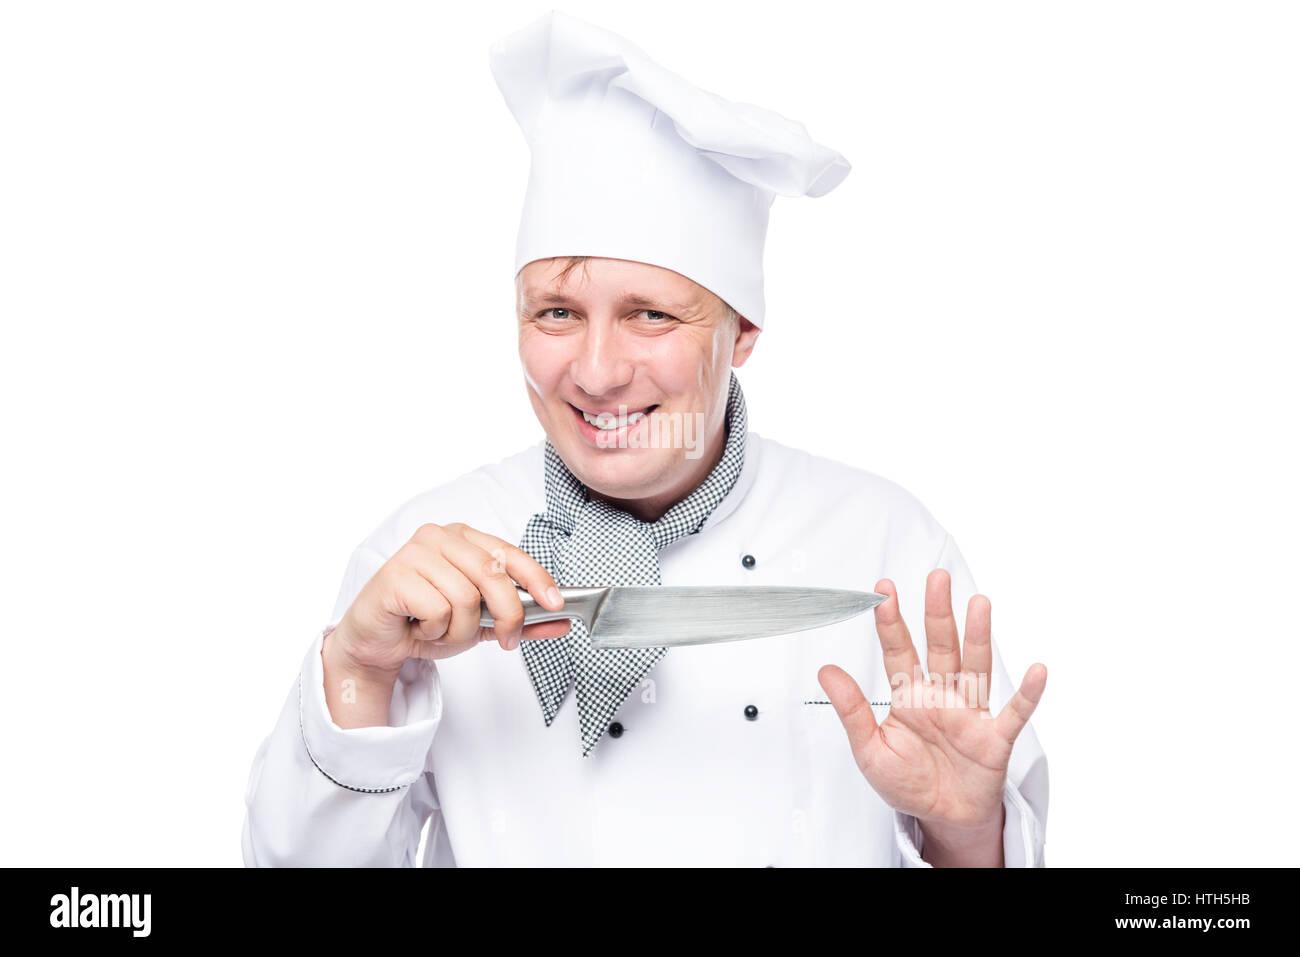 Kochen Sie in einem Anzug halten Sie ein scharfes Messer und geheimnisvoll lächelnd isoliert Stockbild